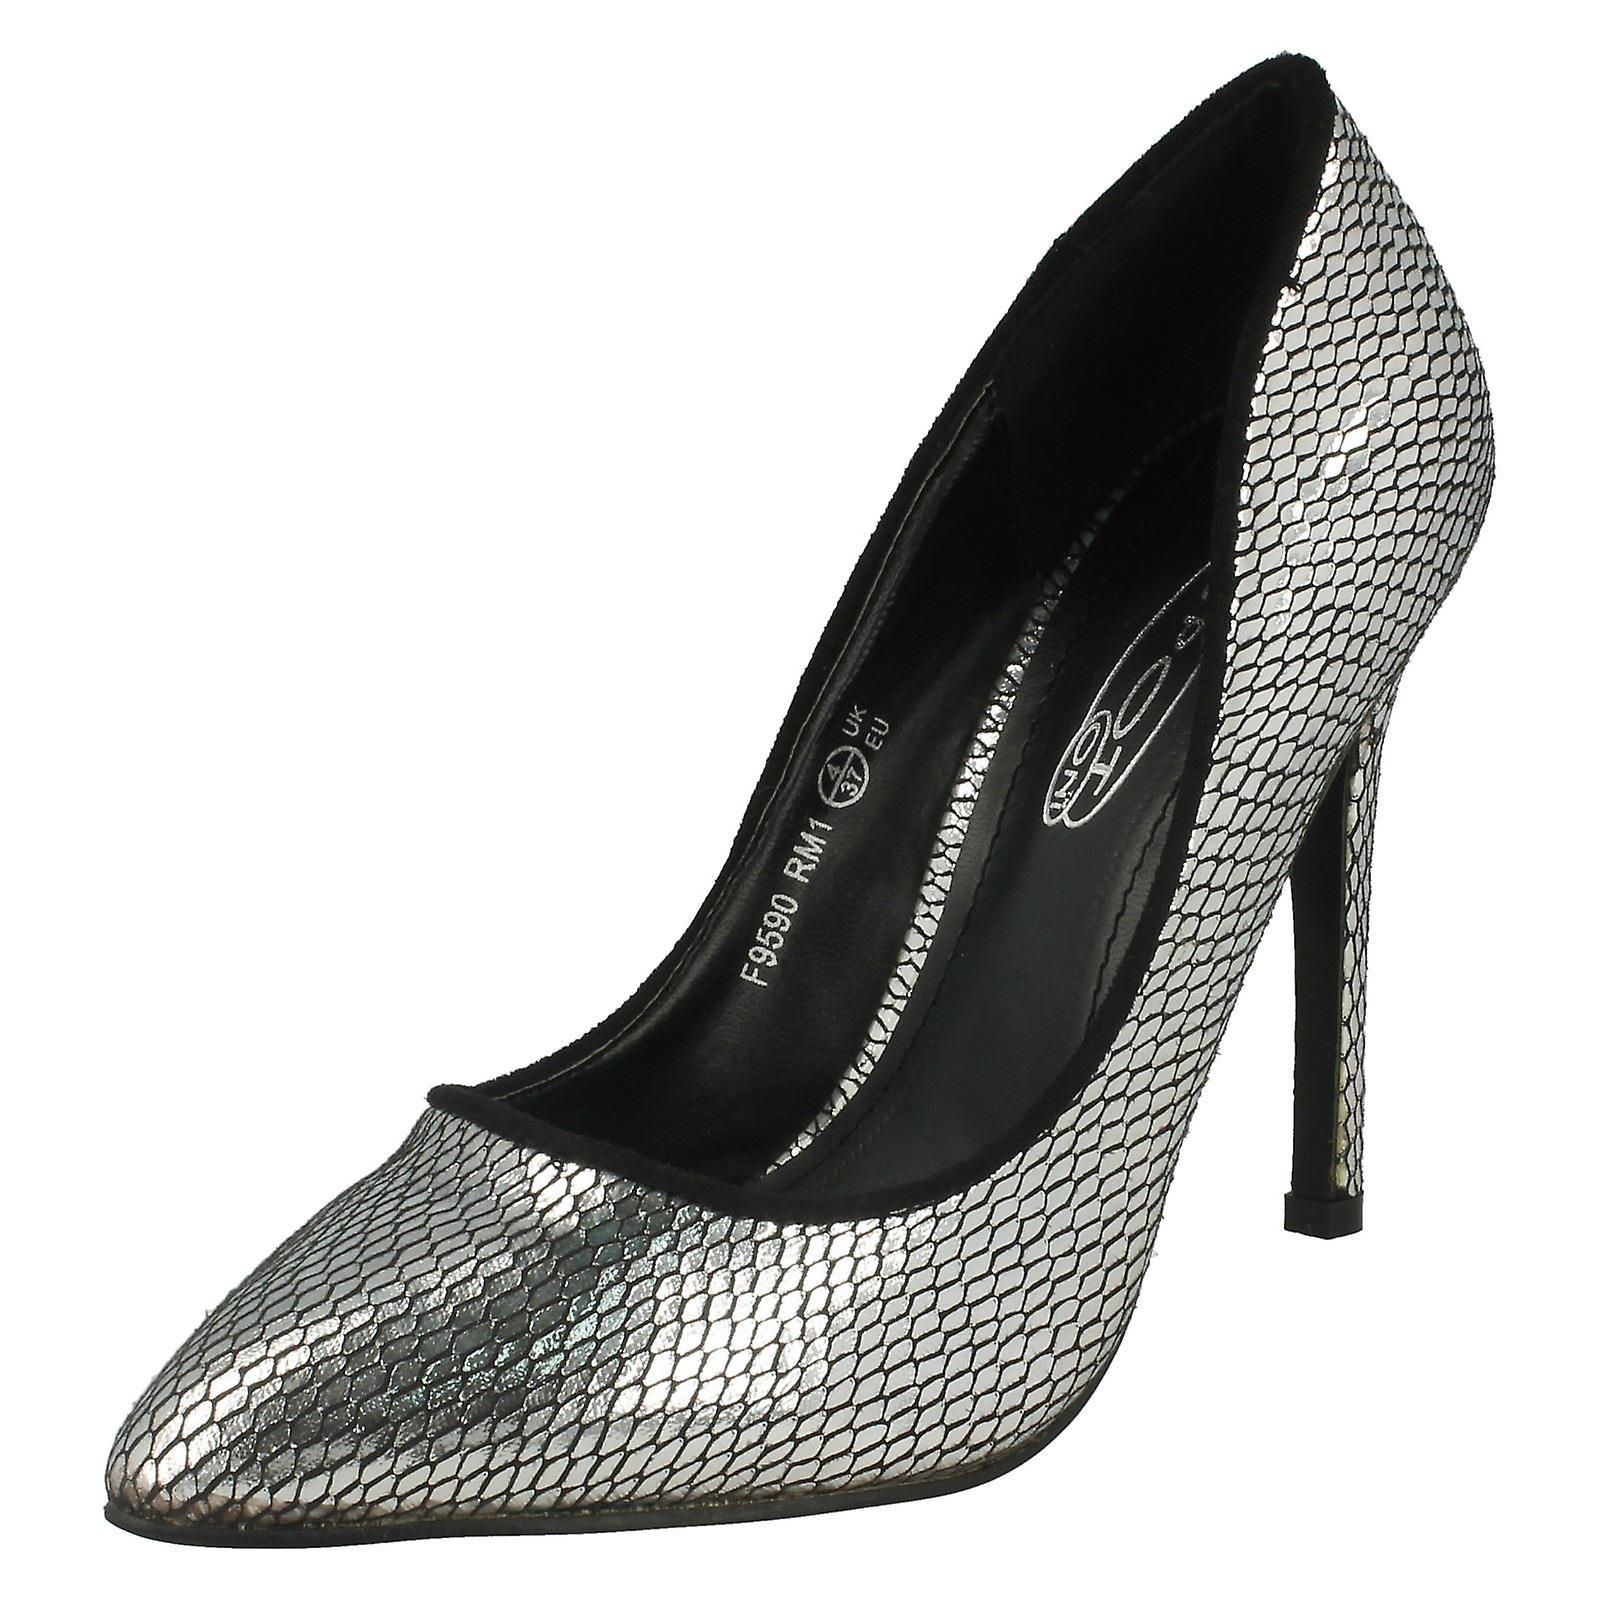 Damen-Spot auf High Heel wies Toe Snake Design Gericht Schuh F9590